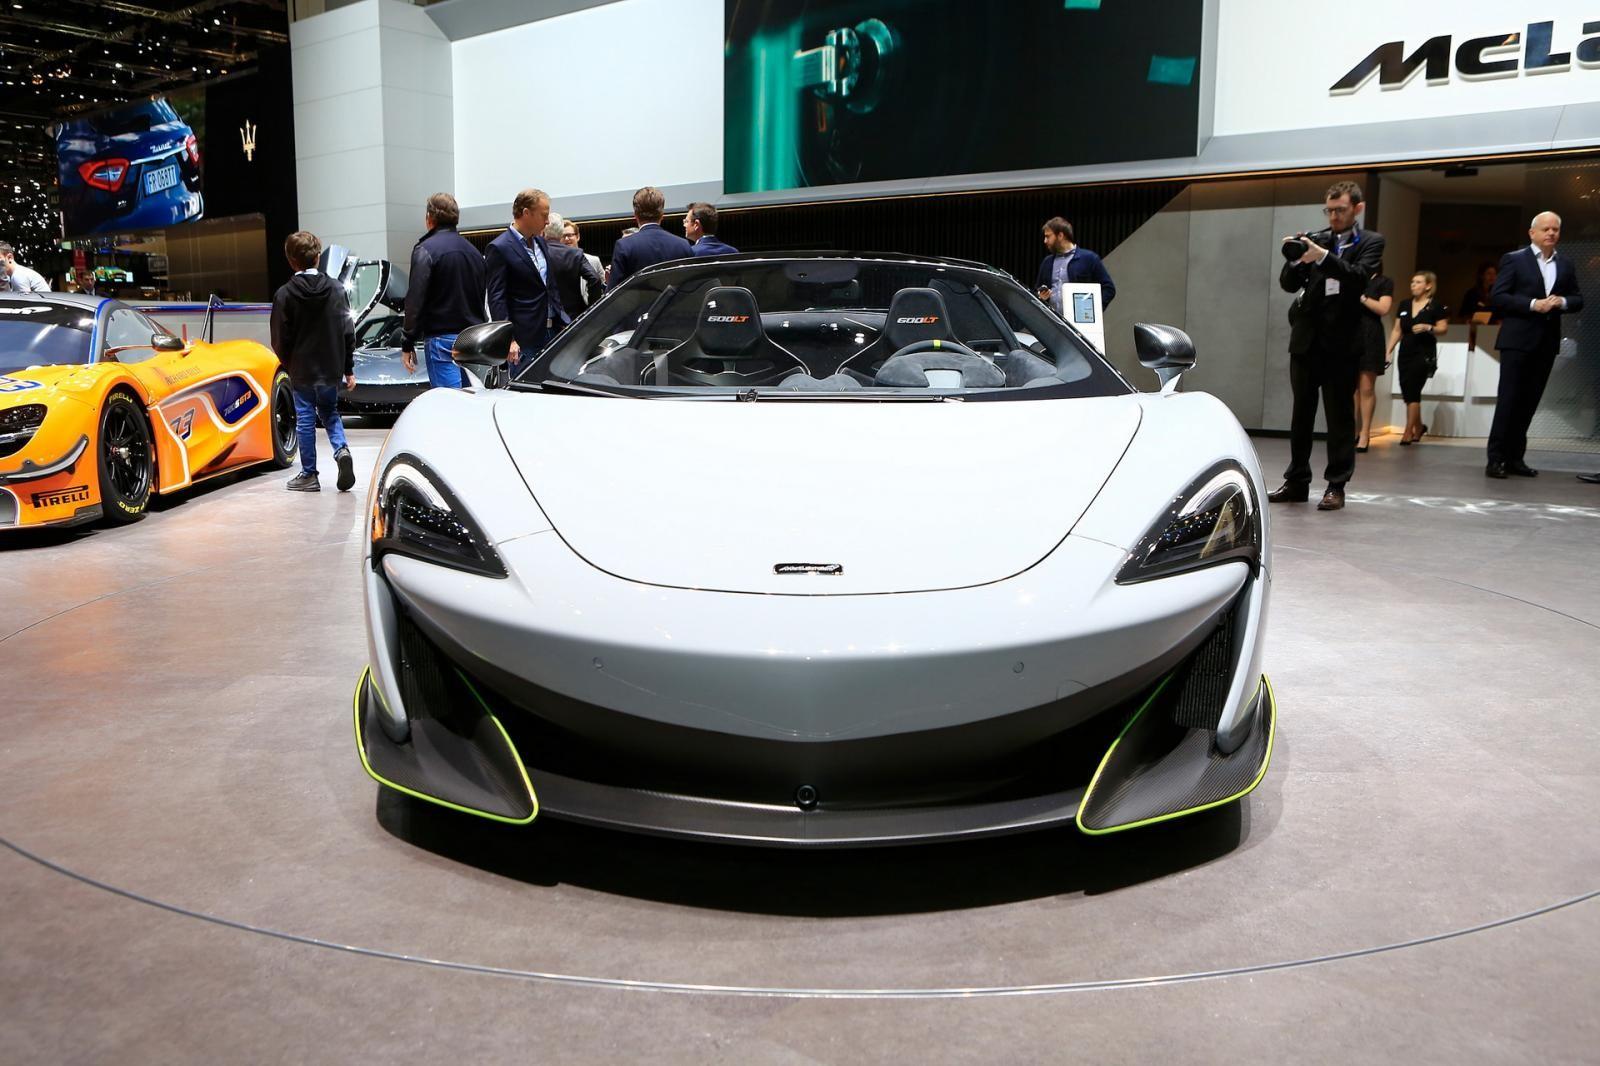 Cận cảnh chiếc siêu xe mà các đại gia trên thế giới phải chạy đua với thời gian để sở hữu